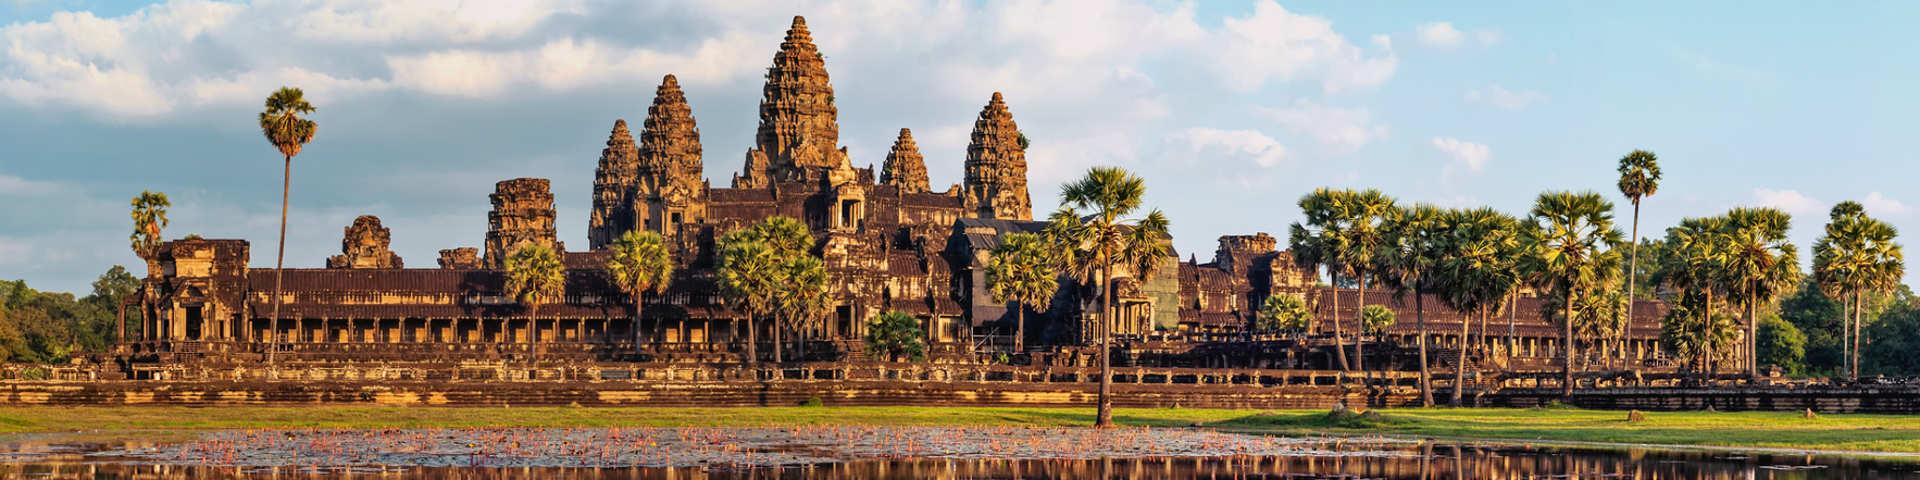 Cambodia hero new